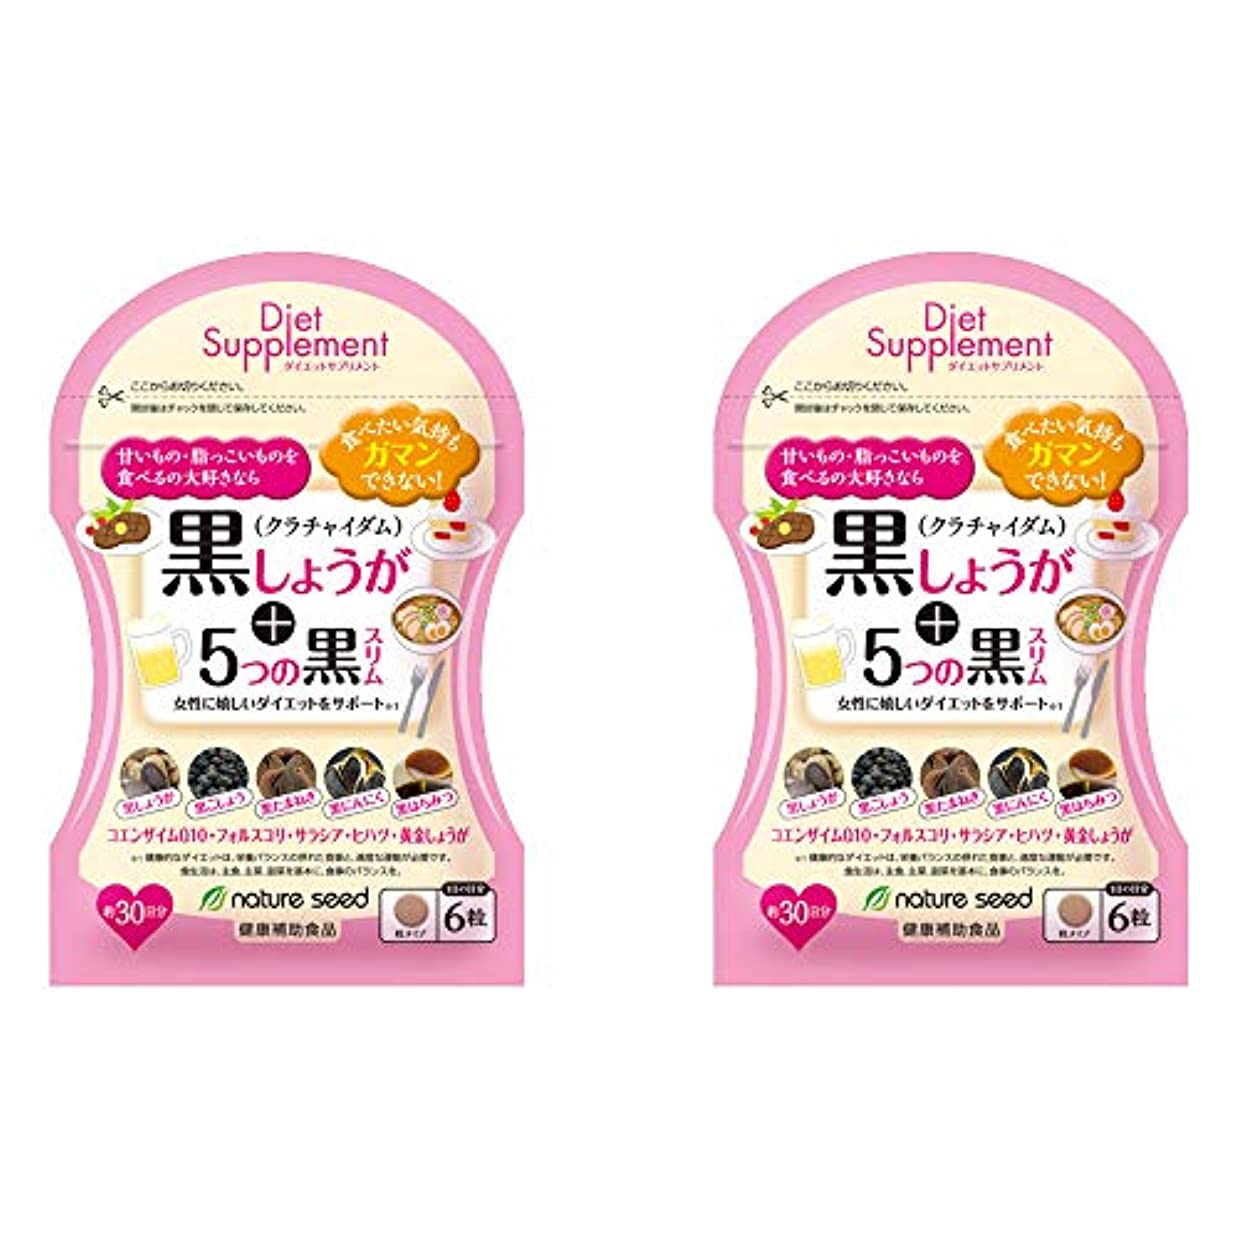 インセンティブ伝統より良いダイエットサプリ 燃焼系 厳選した黒の成分 黒しょうが+5つの黒スリム 2袋(約60日分)